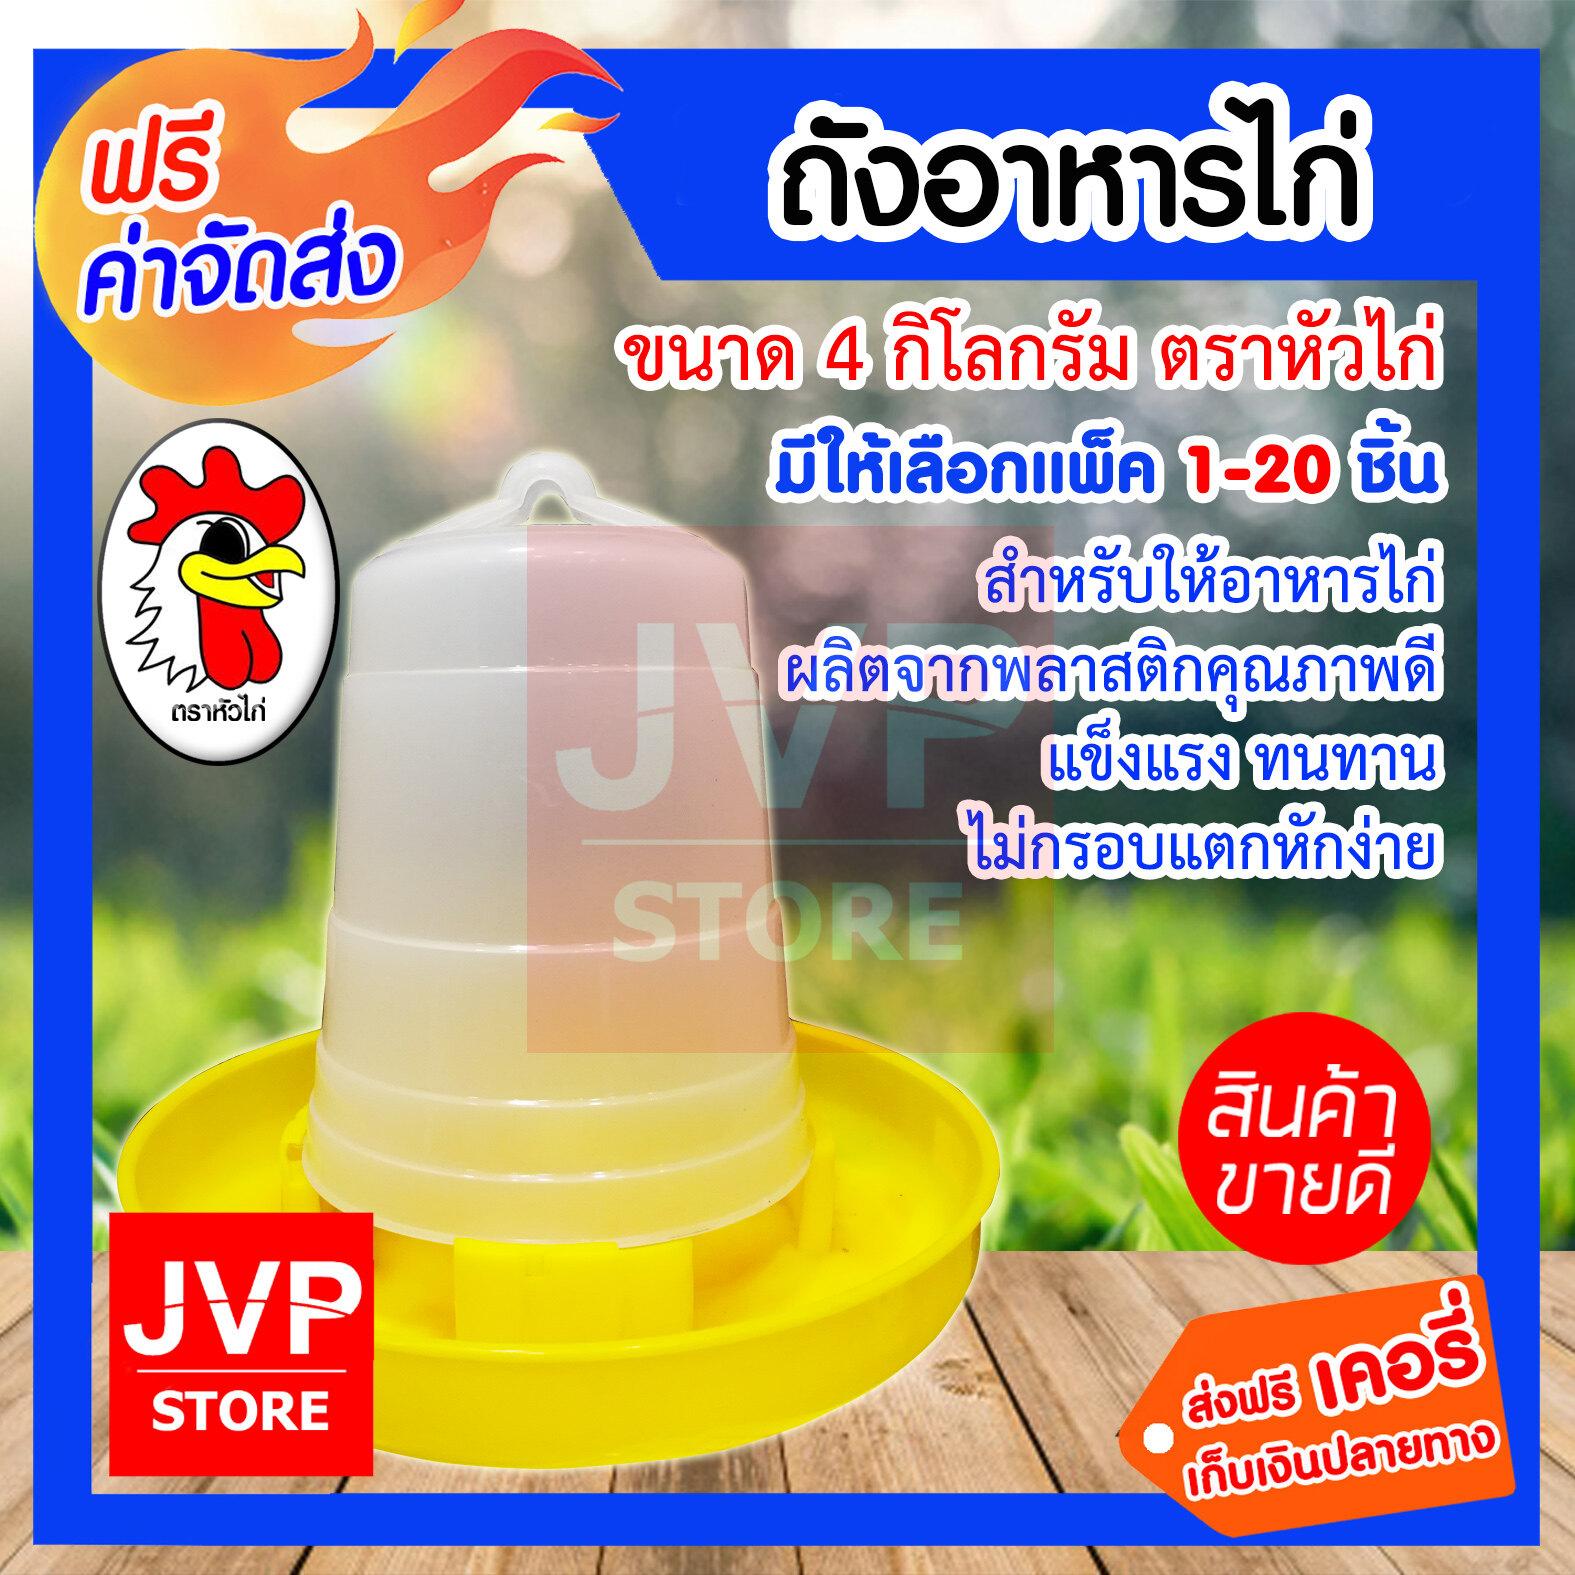 **ส่งฟรี**ถังอาหารไก่ ที่ให้อาหารไก่ ถ้วยให้อาหารไก่ ขนาด 4กิโลกรัม มีให้เลือกแพ็ค 1-20ชิ้น ตราหัวไก่ (chicken Feed Bucket) สำหรับให้อาหารไก่ ผลิตจากพลาสติกคุณภาพดี แข็งแรง ทนทาน ไม่กรอบแตกหักง่าย สินค้าคุณภาพจาก Jvp-Store.